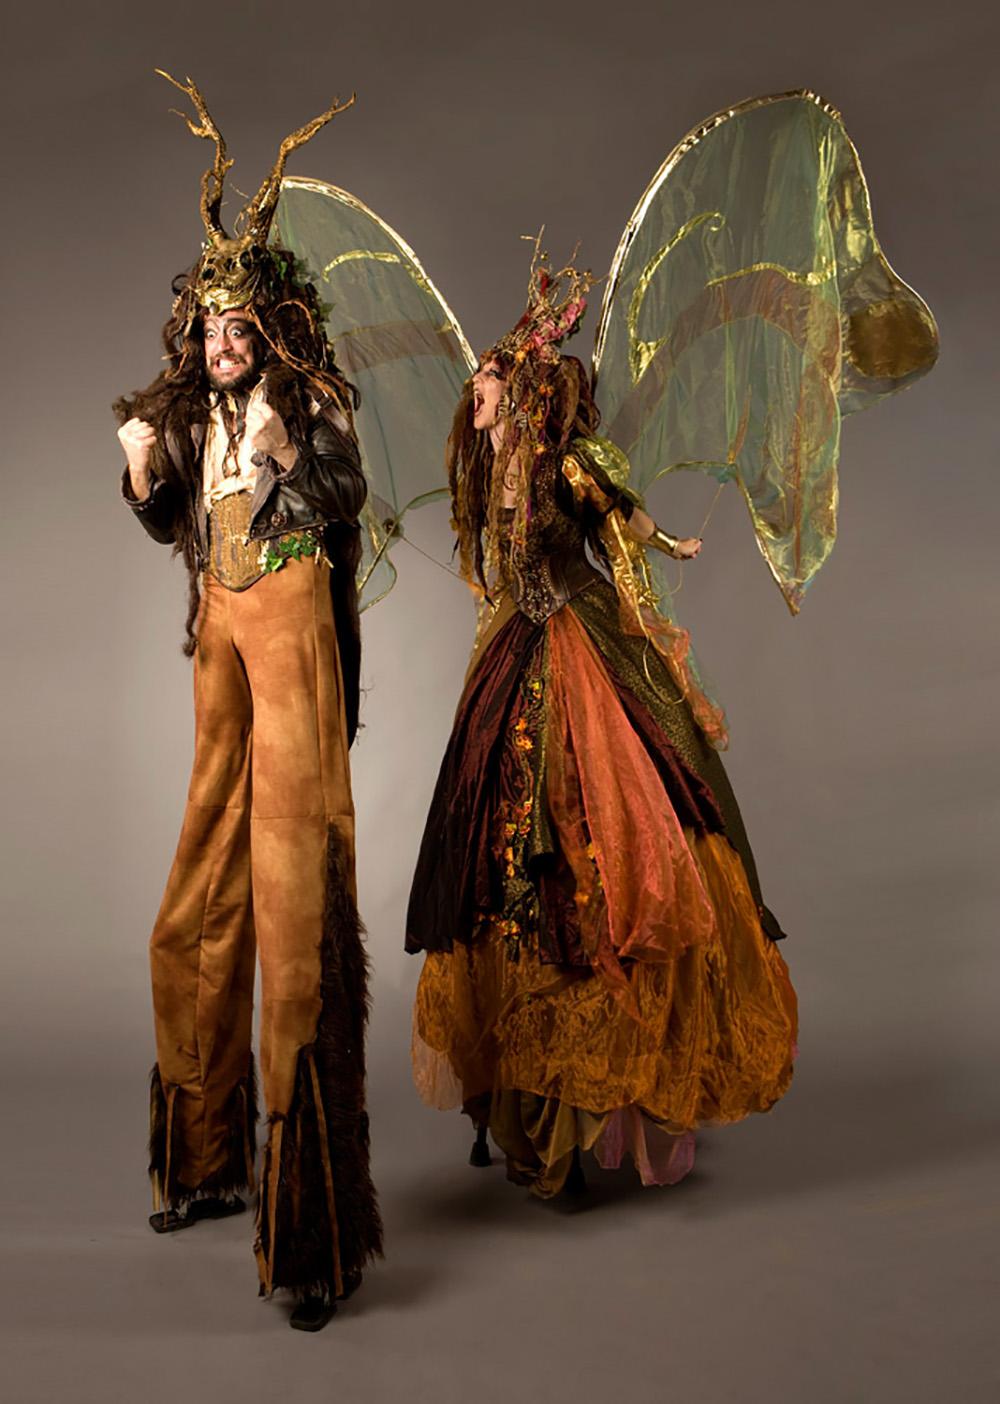 The Dream Oberon and Titania